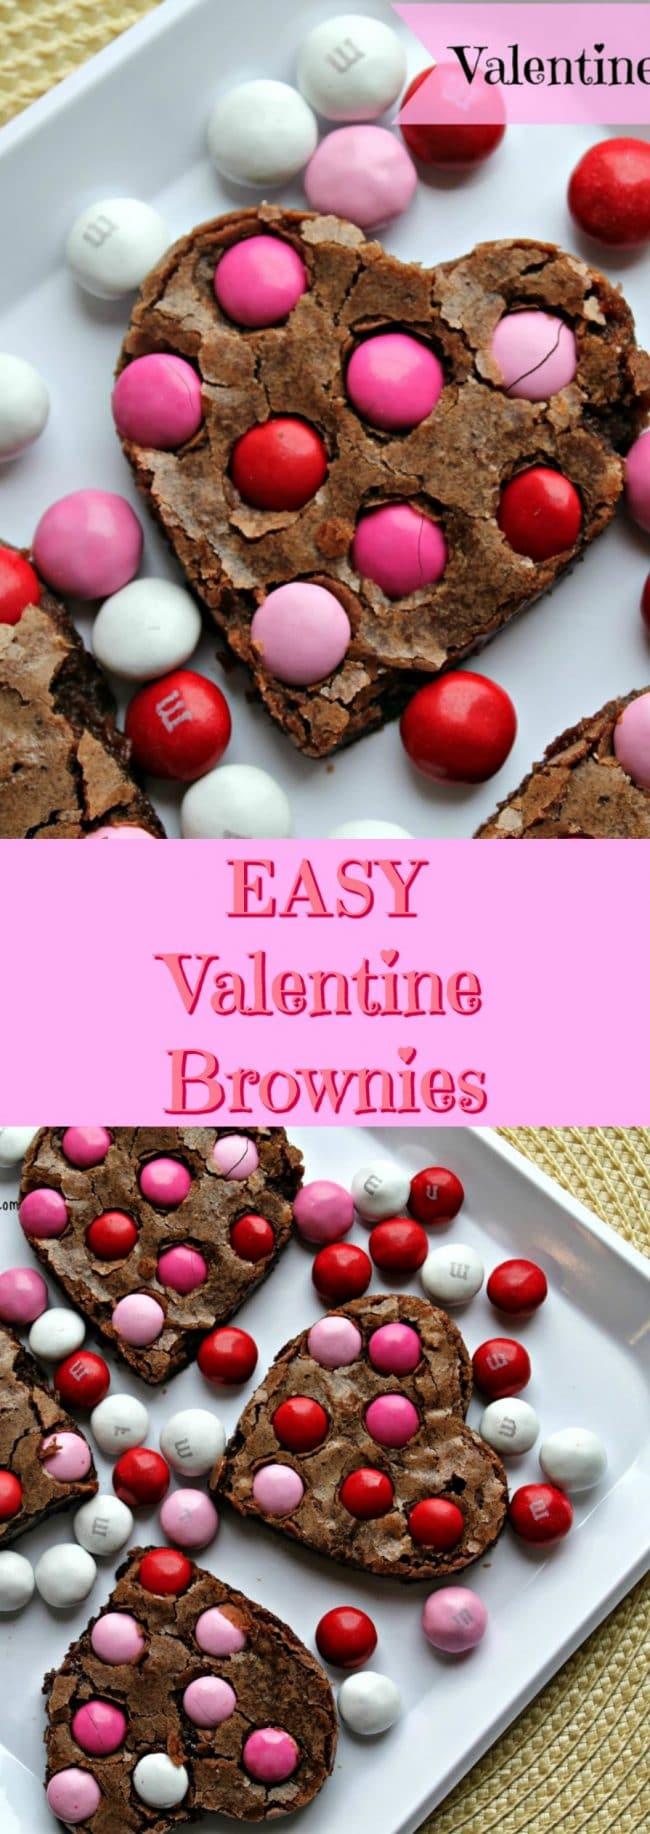 easy valentine brownies